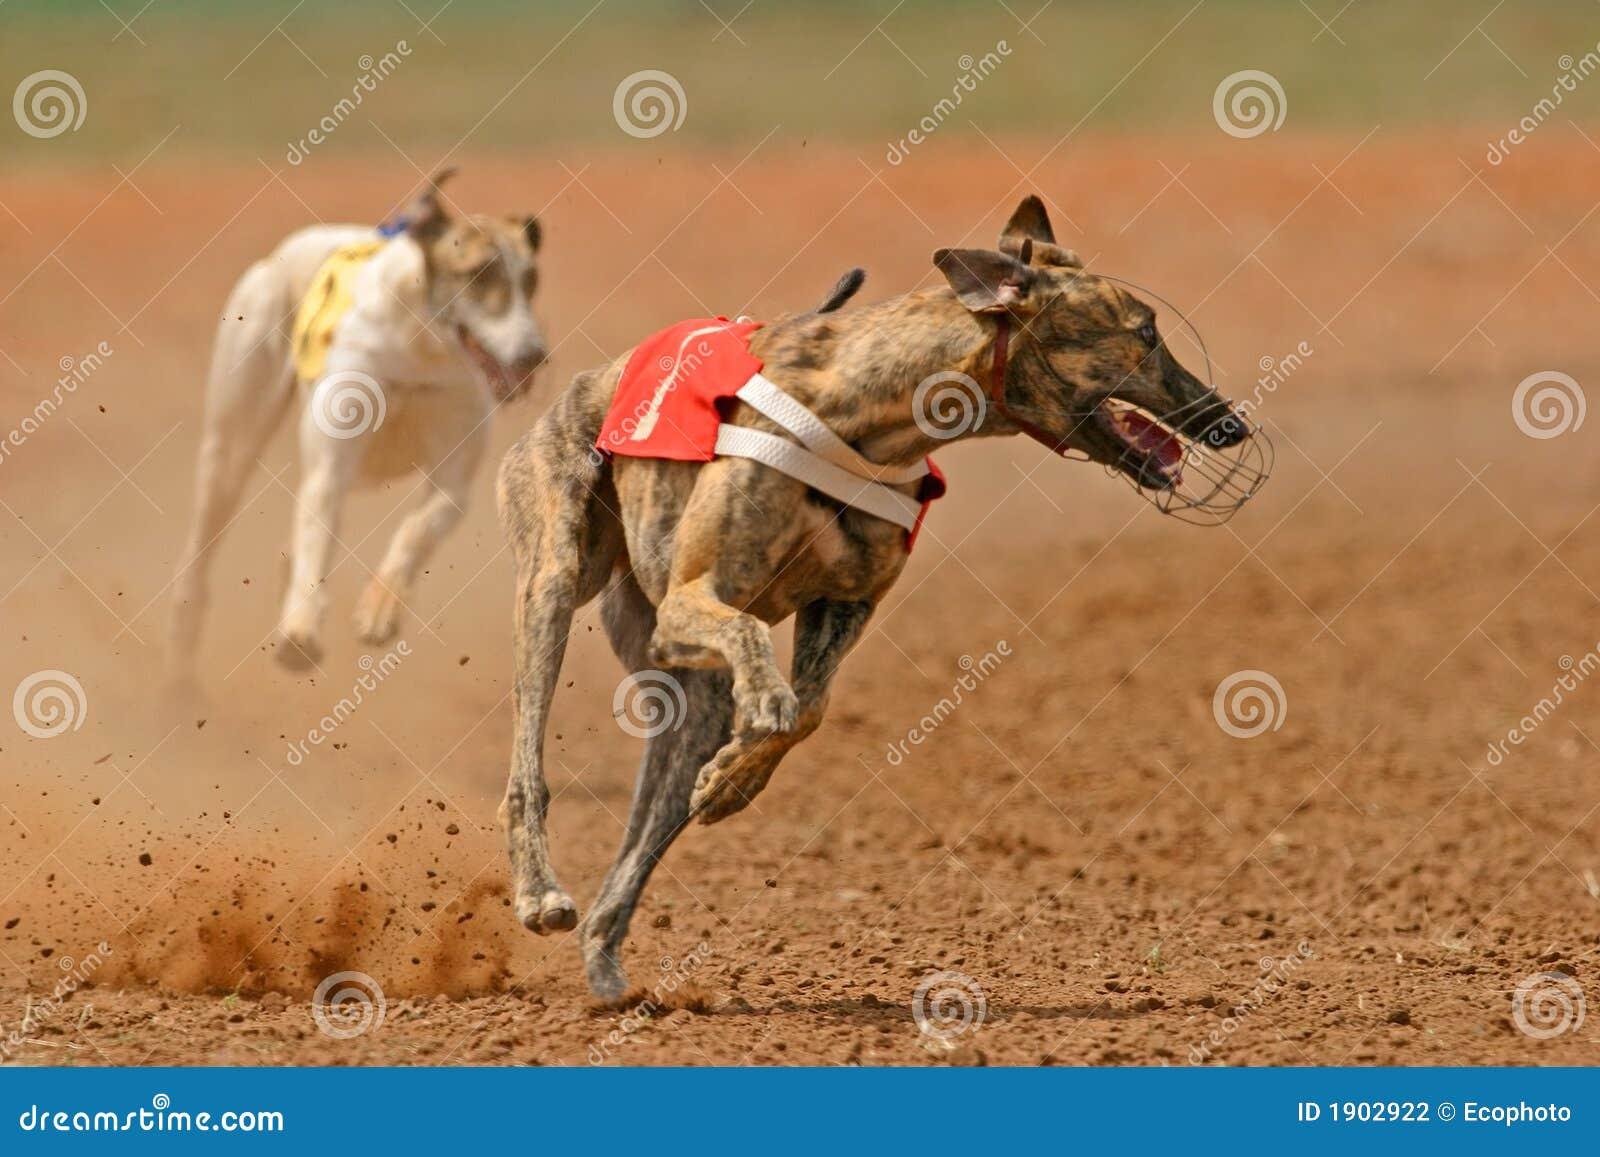 Lévier Sprinting